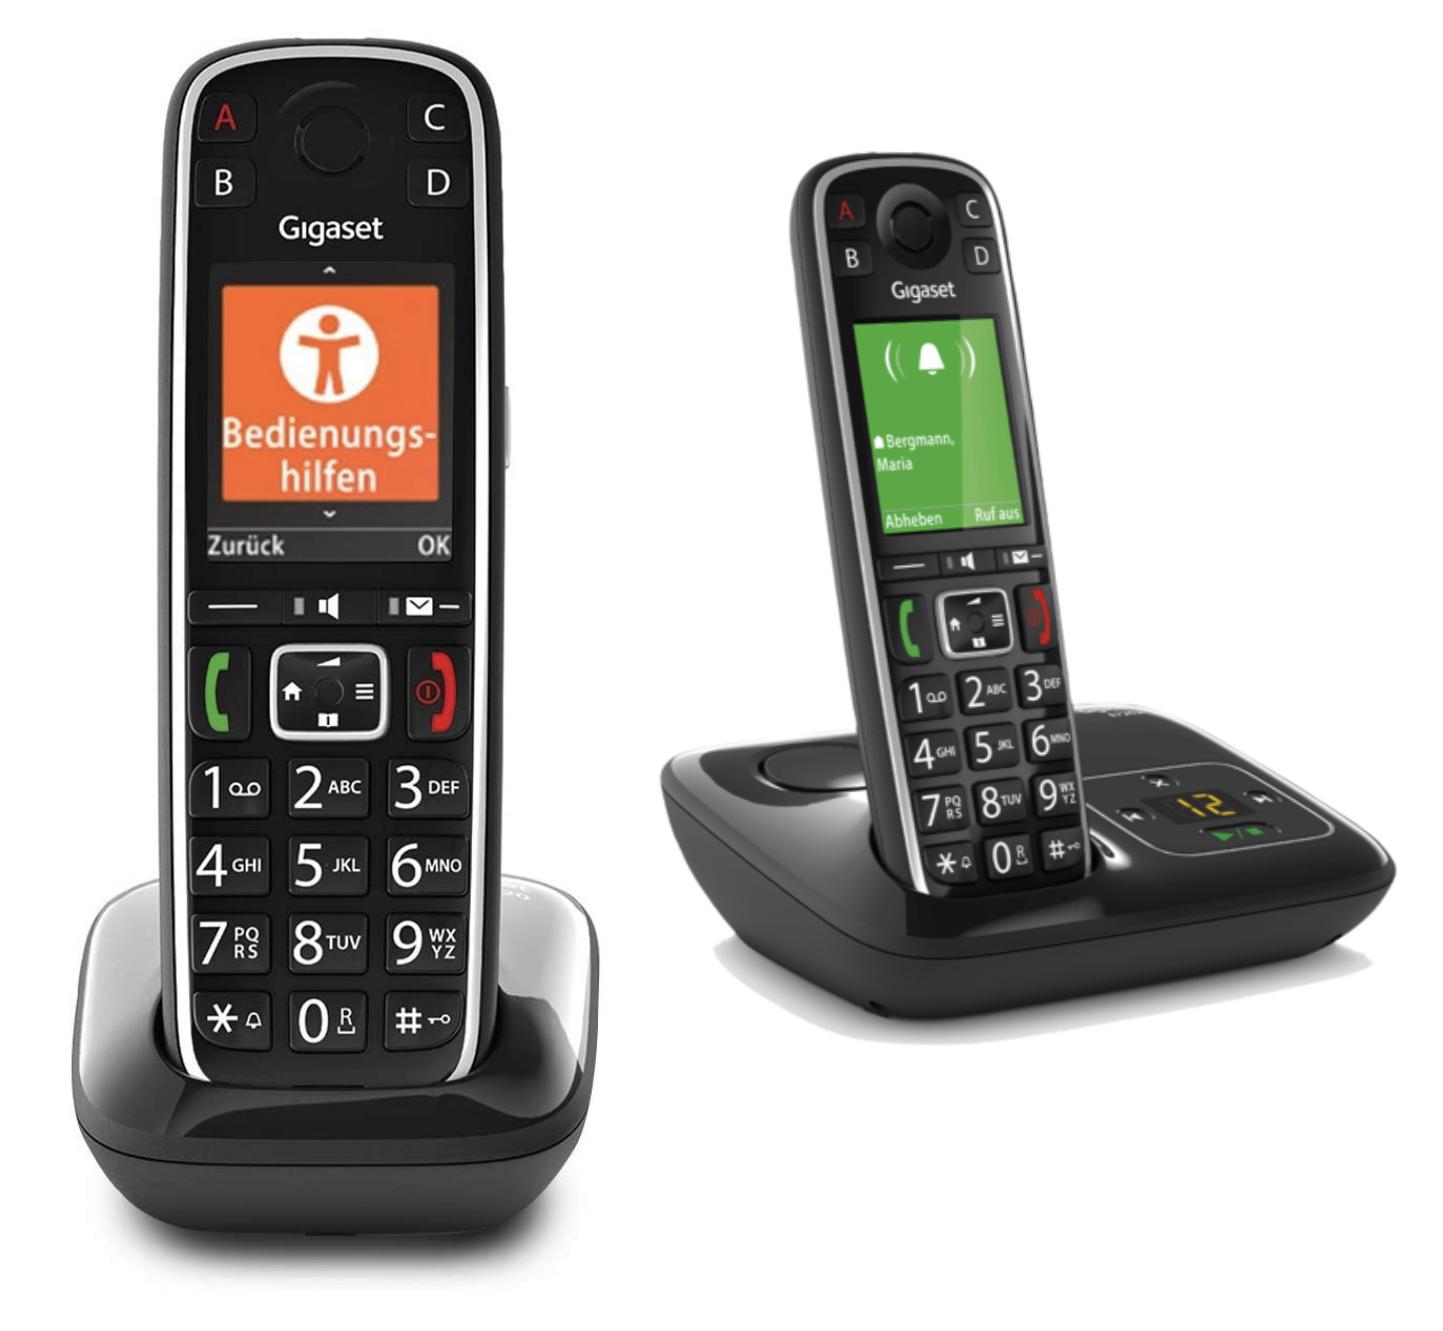 Gigaset E720 elegantes Seniorentelefon mit Bluetooth Hörgeräte-Anbindung, SOS Funktion, Anrufschutz usw. für 54,99€ / auch mit AB